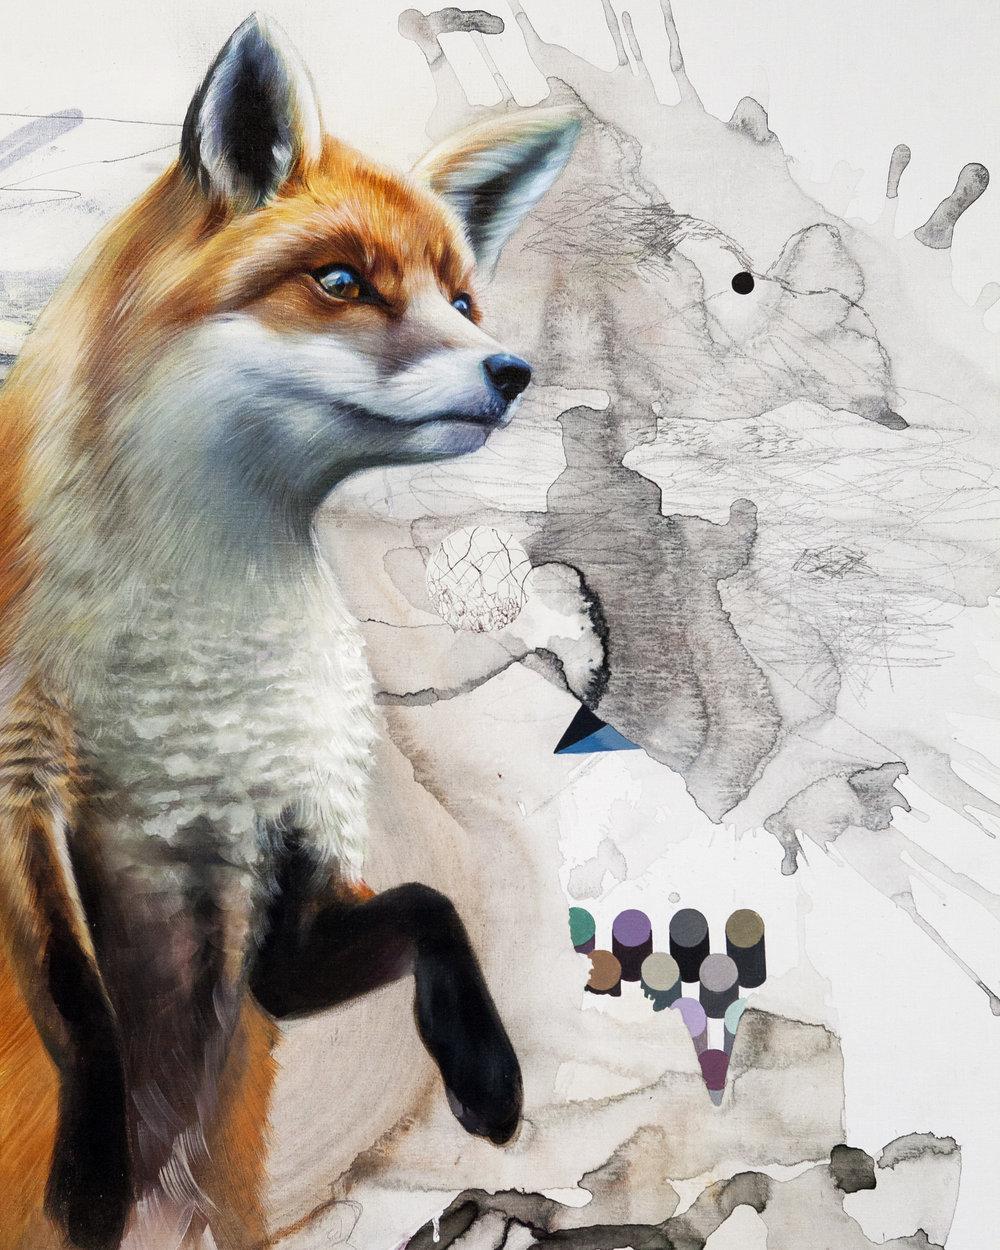 c_sa_fox2.jpg